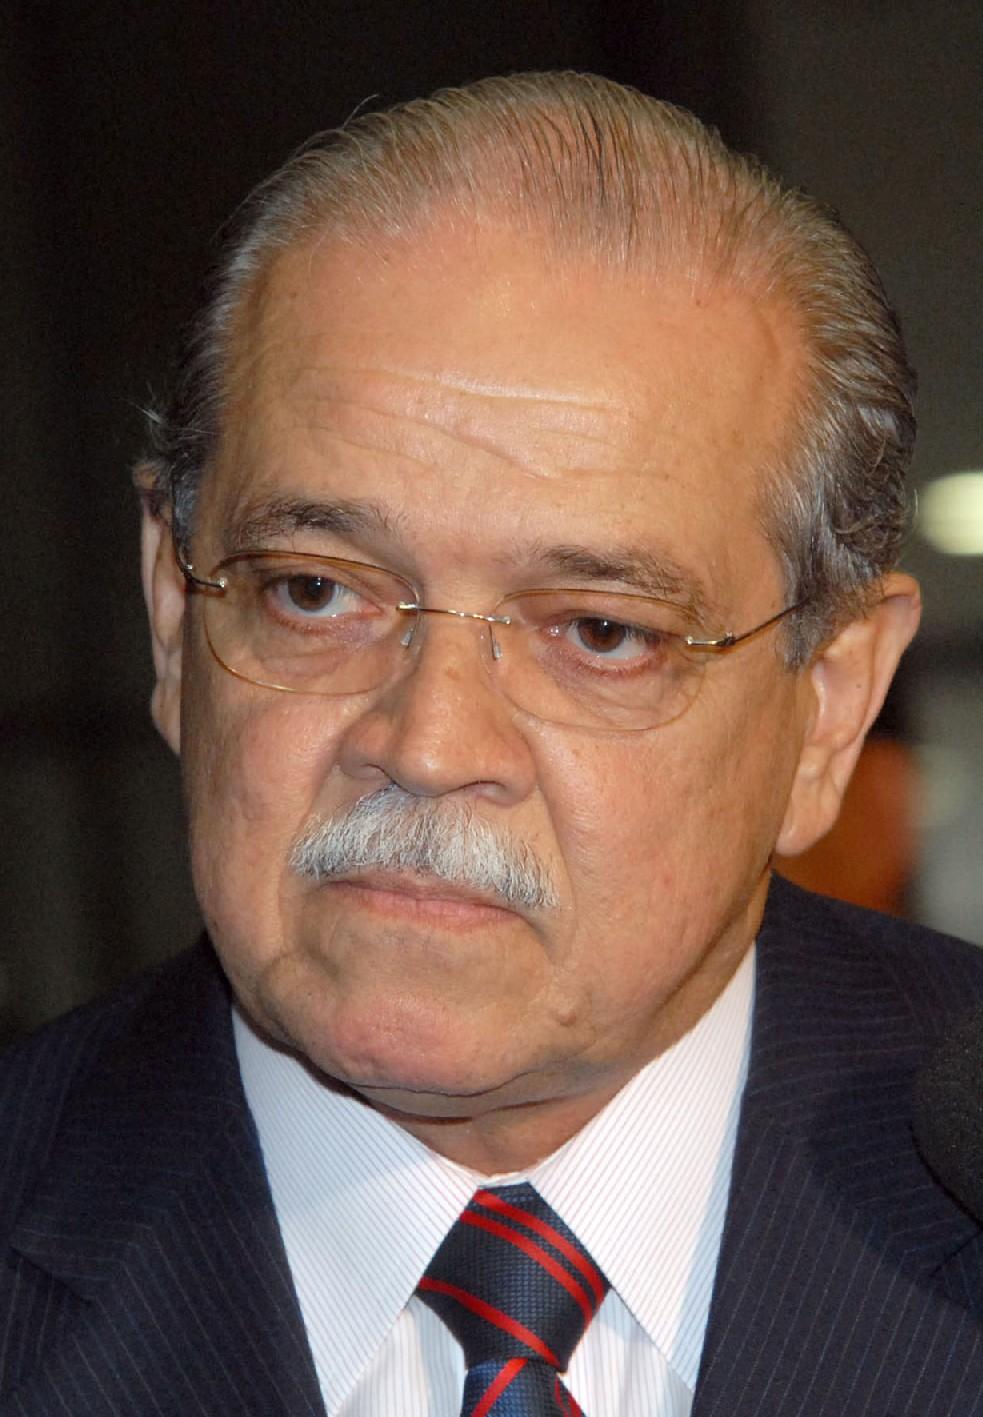 Veja o que saiu no Migalhas sobre César Borges